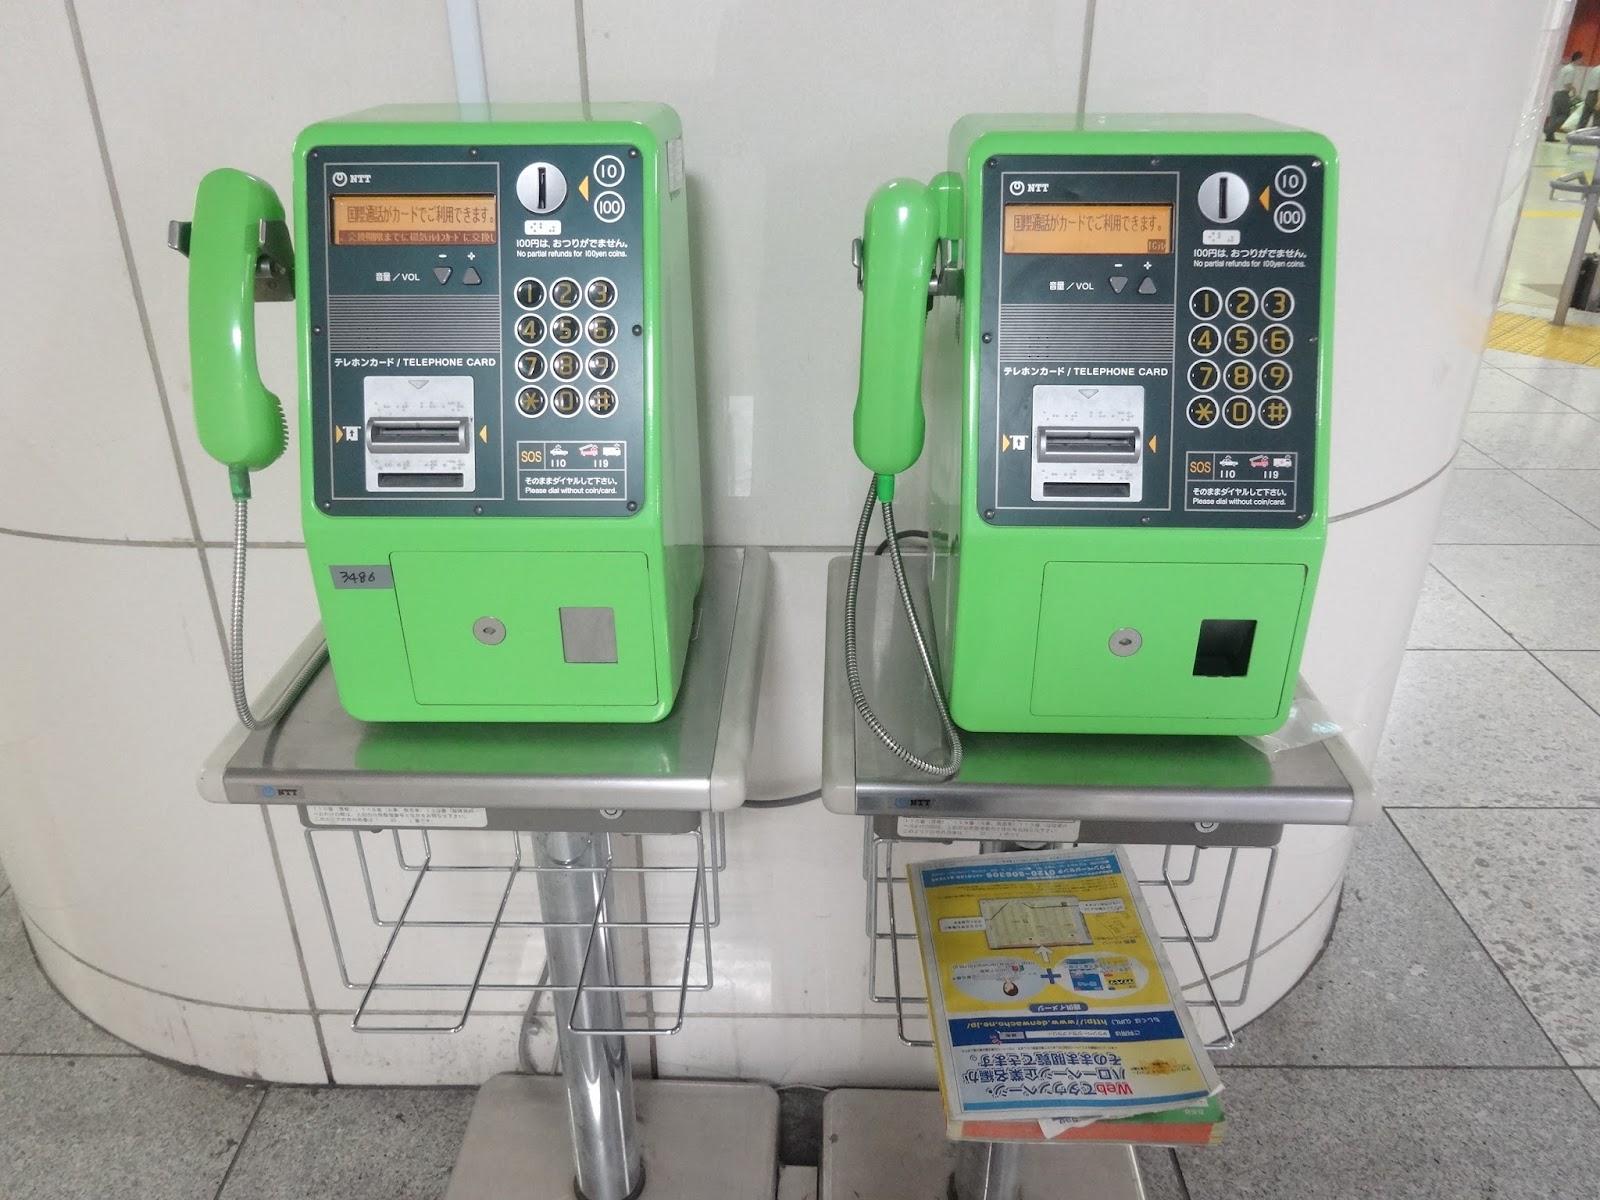 公衆電話,東京〈著作権フリー画像〉Free Stock Photos